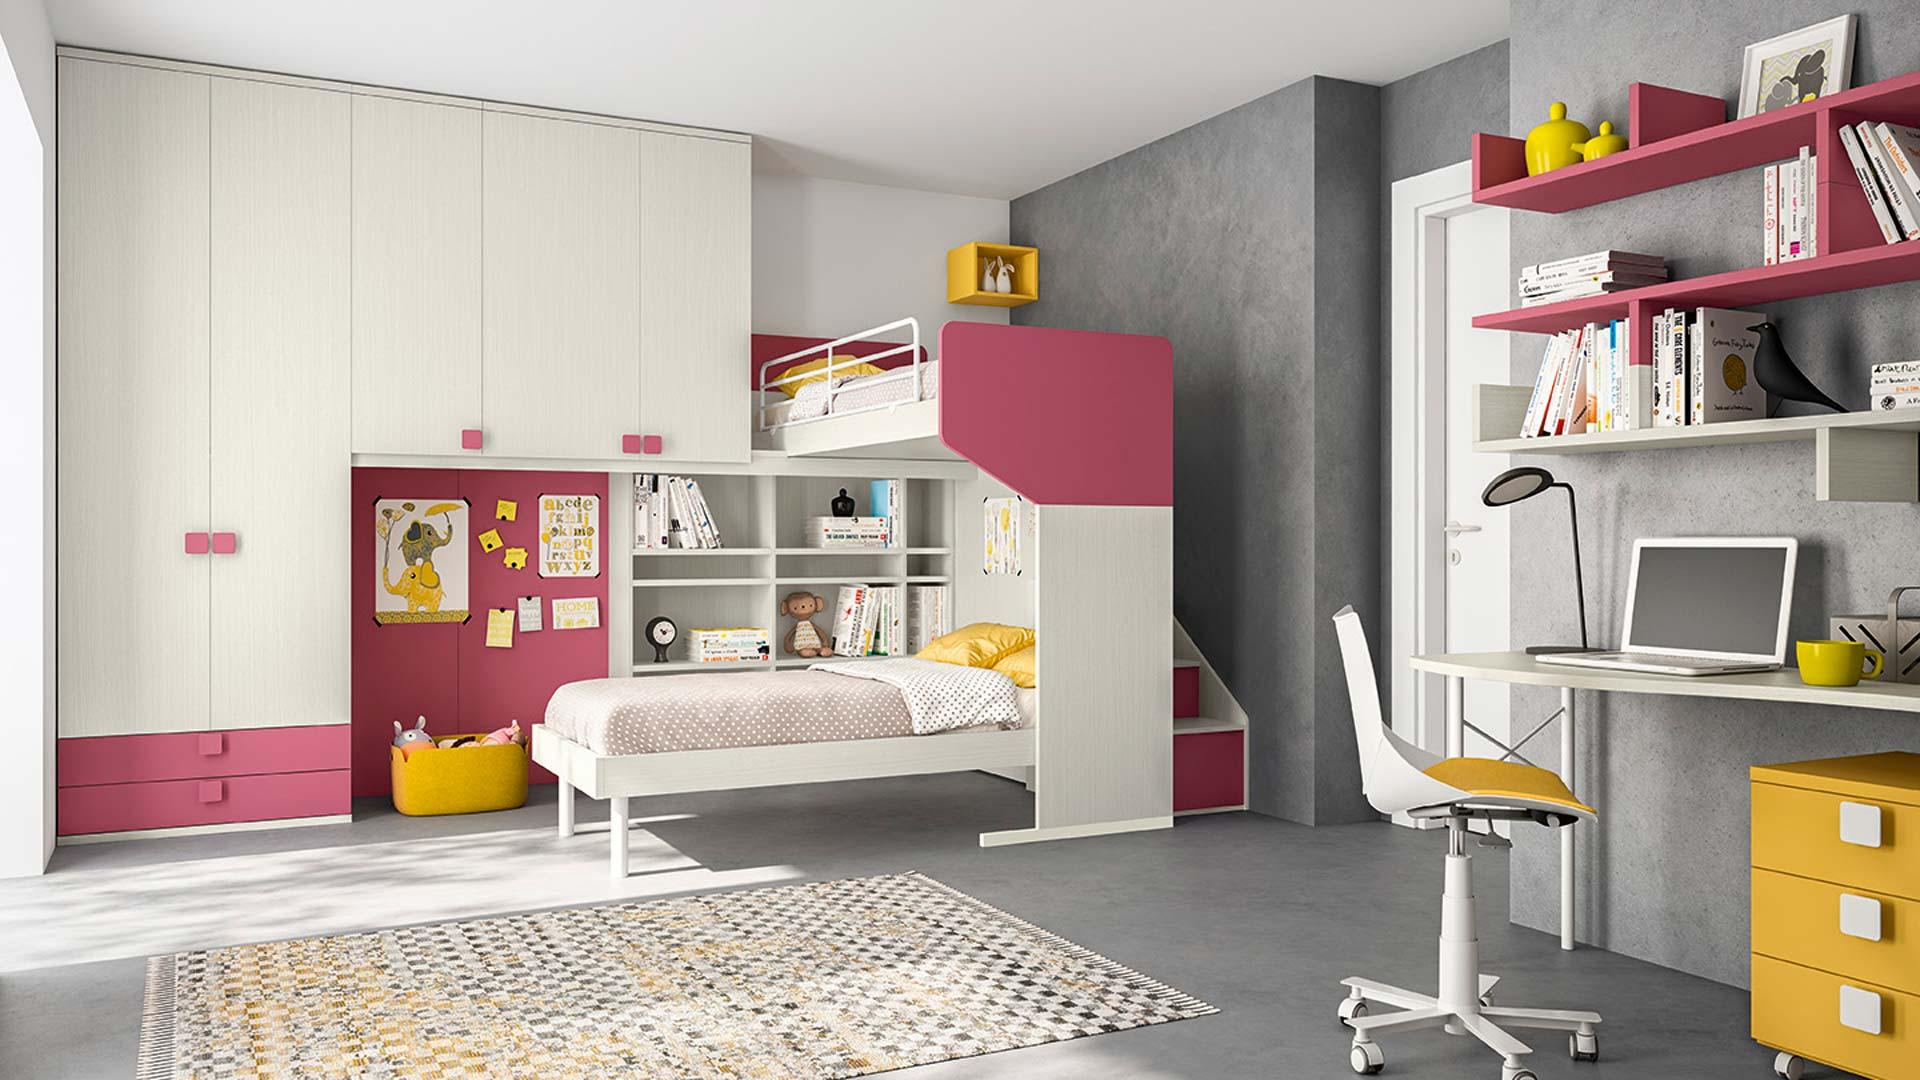 Sonego camerette moderne castelli e soppalchi diesel for Camerette outlet online